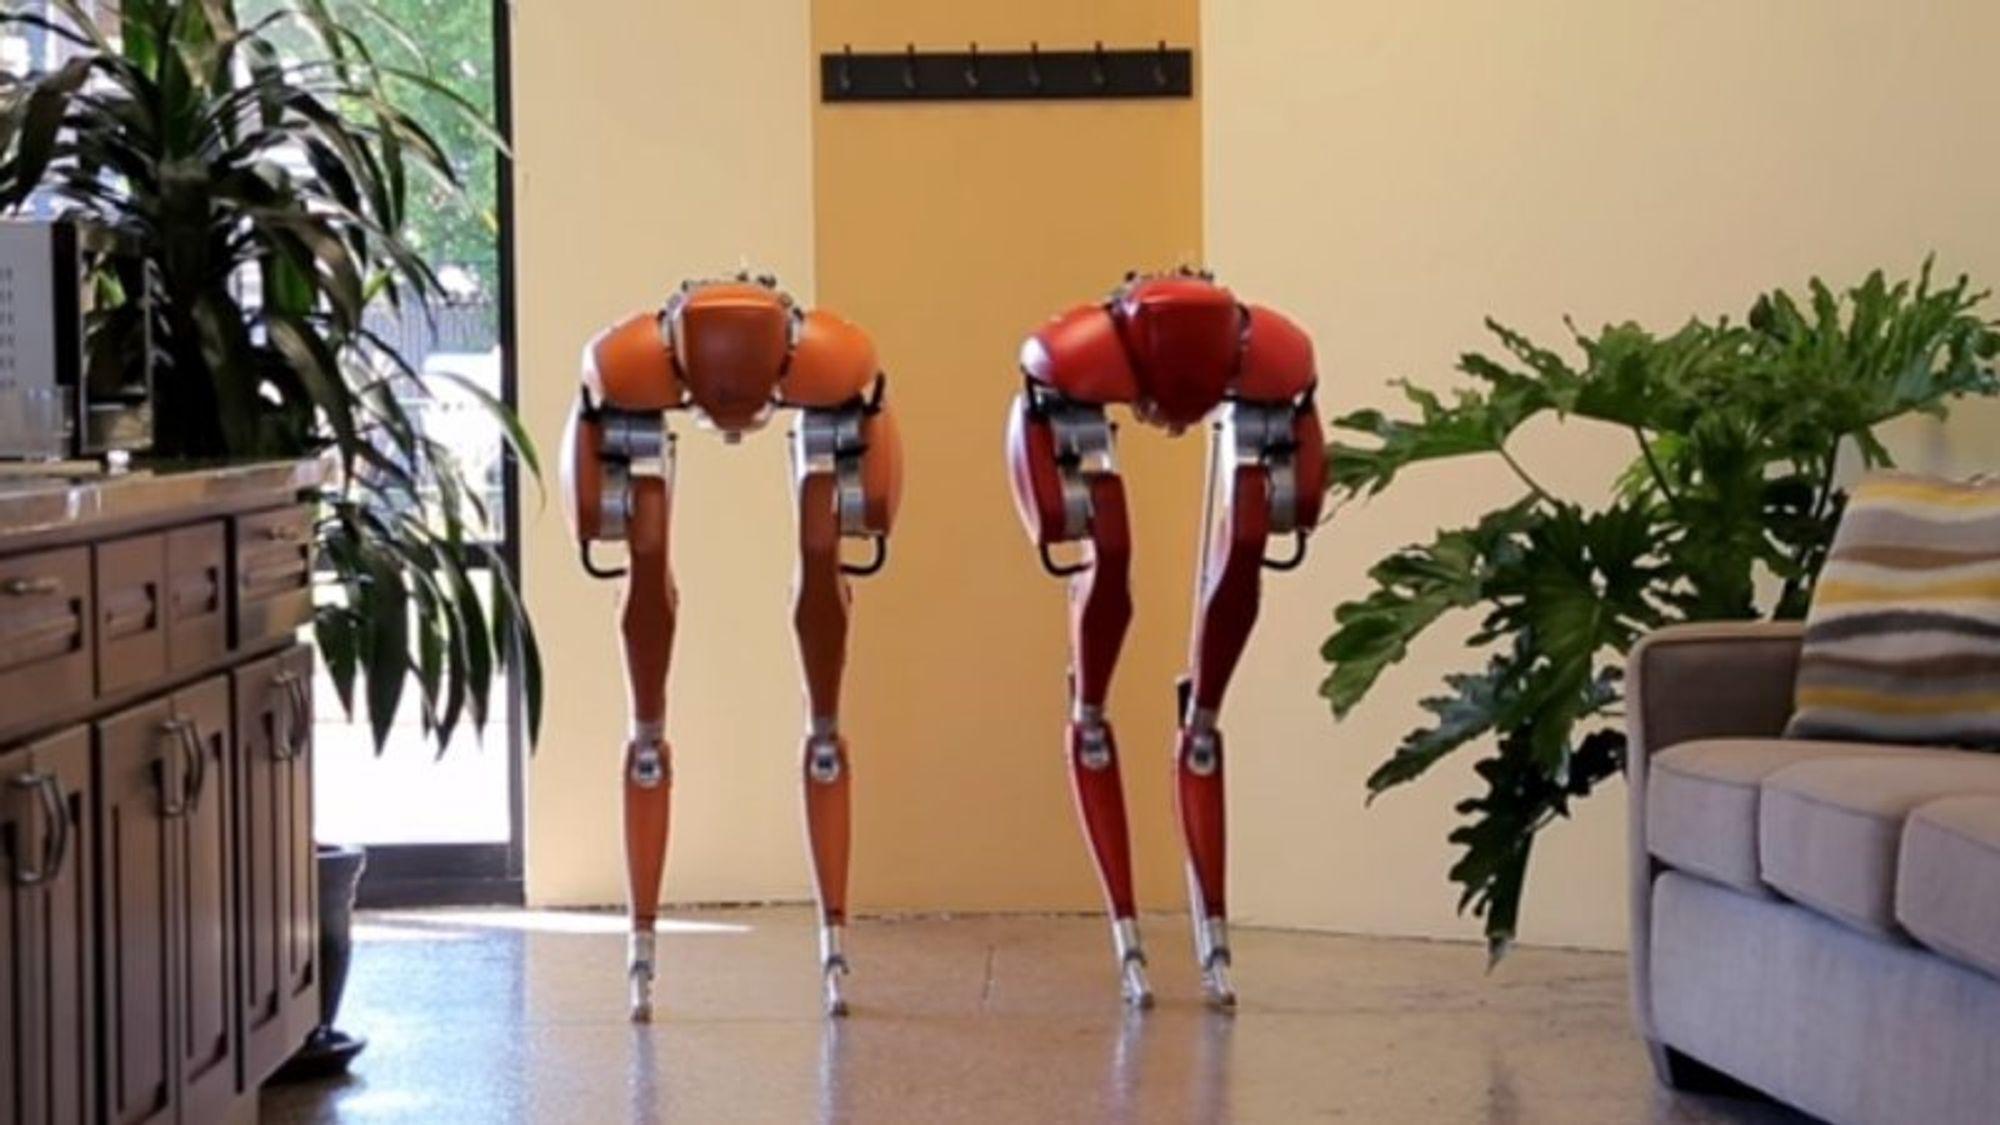 Et amerikansk robotfirma har gjort det sannsynlig at roboter verken bør rulle på hjul eller belter – de skal gå på to bein. En ny video viser hvor elegant dette kan gjennomføres.